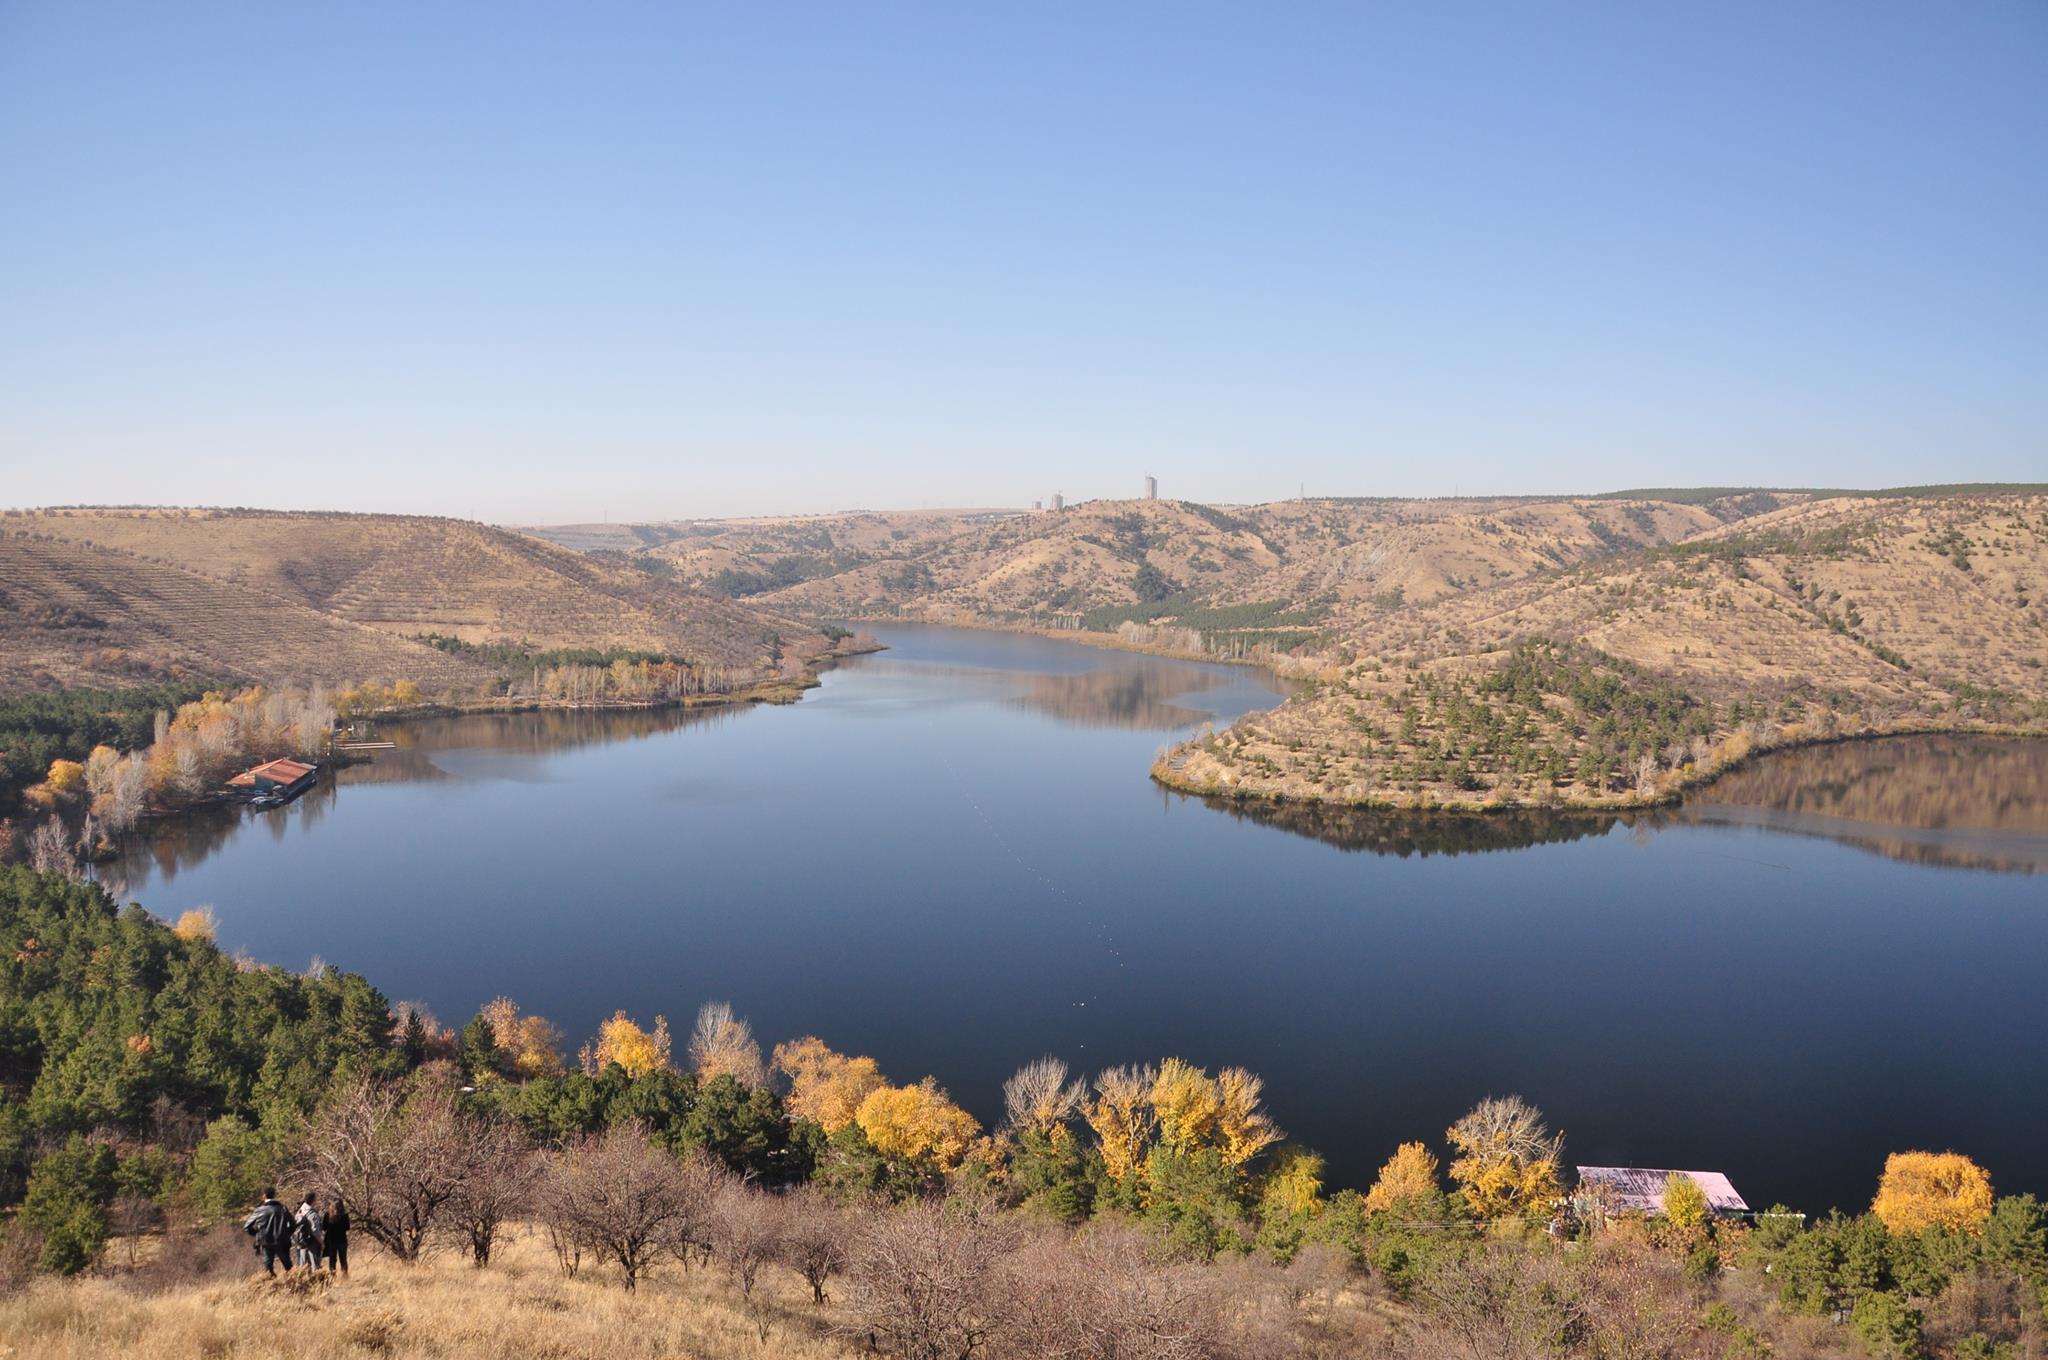 Kuş gözlemcileri, Ankara doğasını ve ODTÜ Ormanını korumak için buluşuyor. Toplantı 24 Ekim'de…